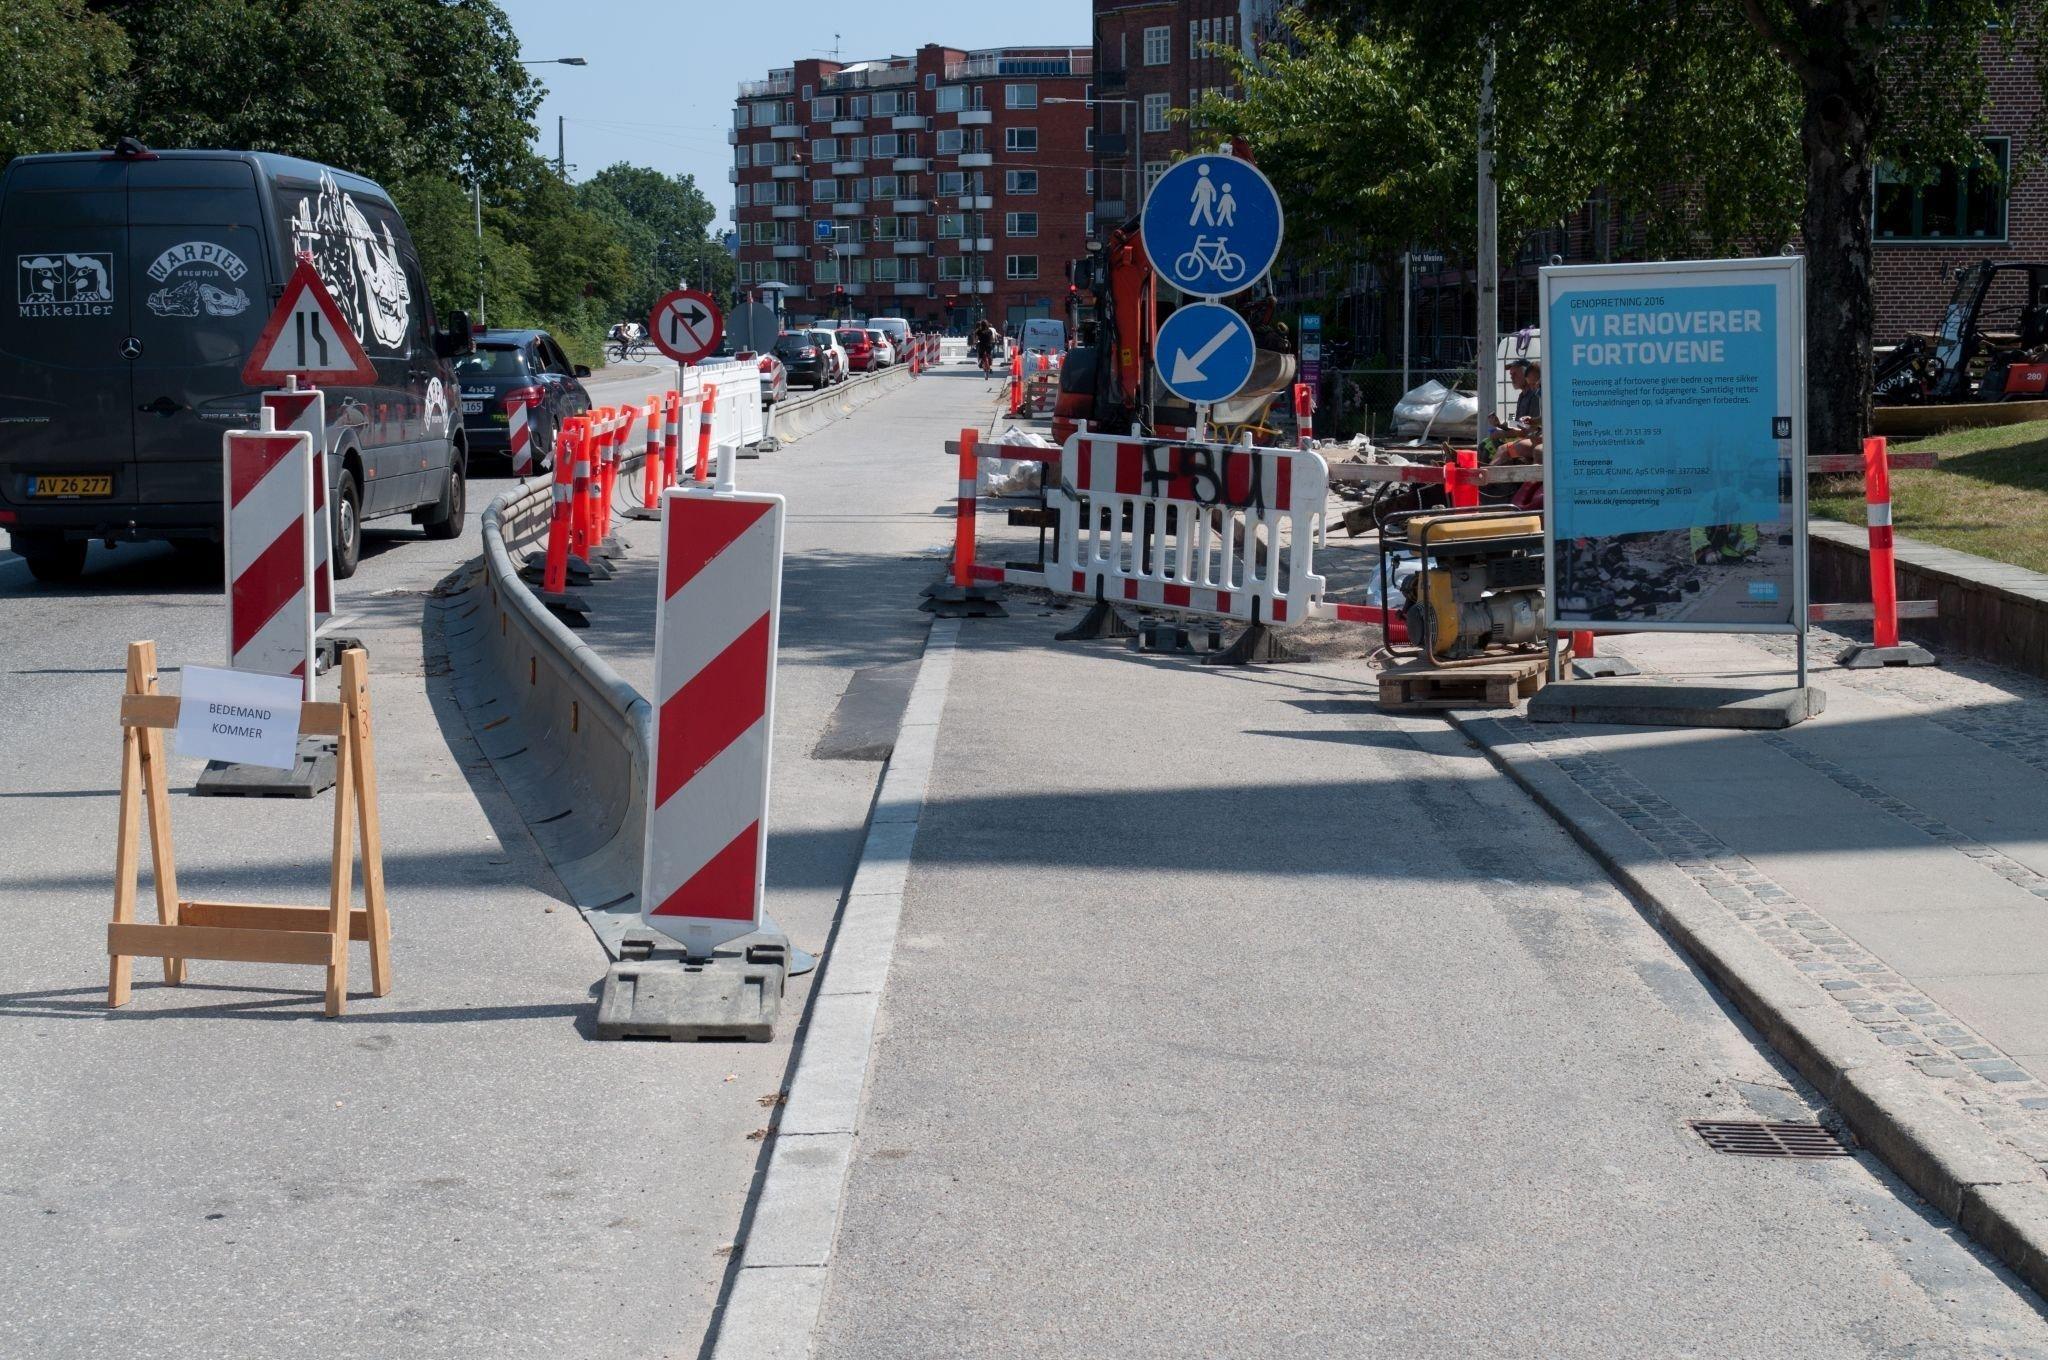 Das Bild zeigt eine Baustelle, bei der Arbeiter einen Radstreifen markiert haben, damit der sichere Radverkehr nicht unterbrochen wird.